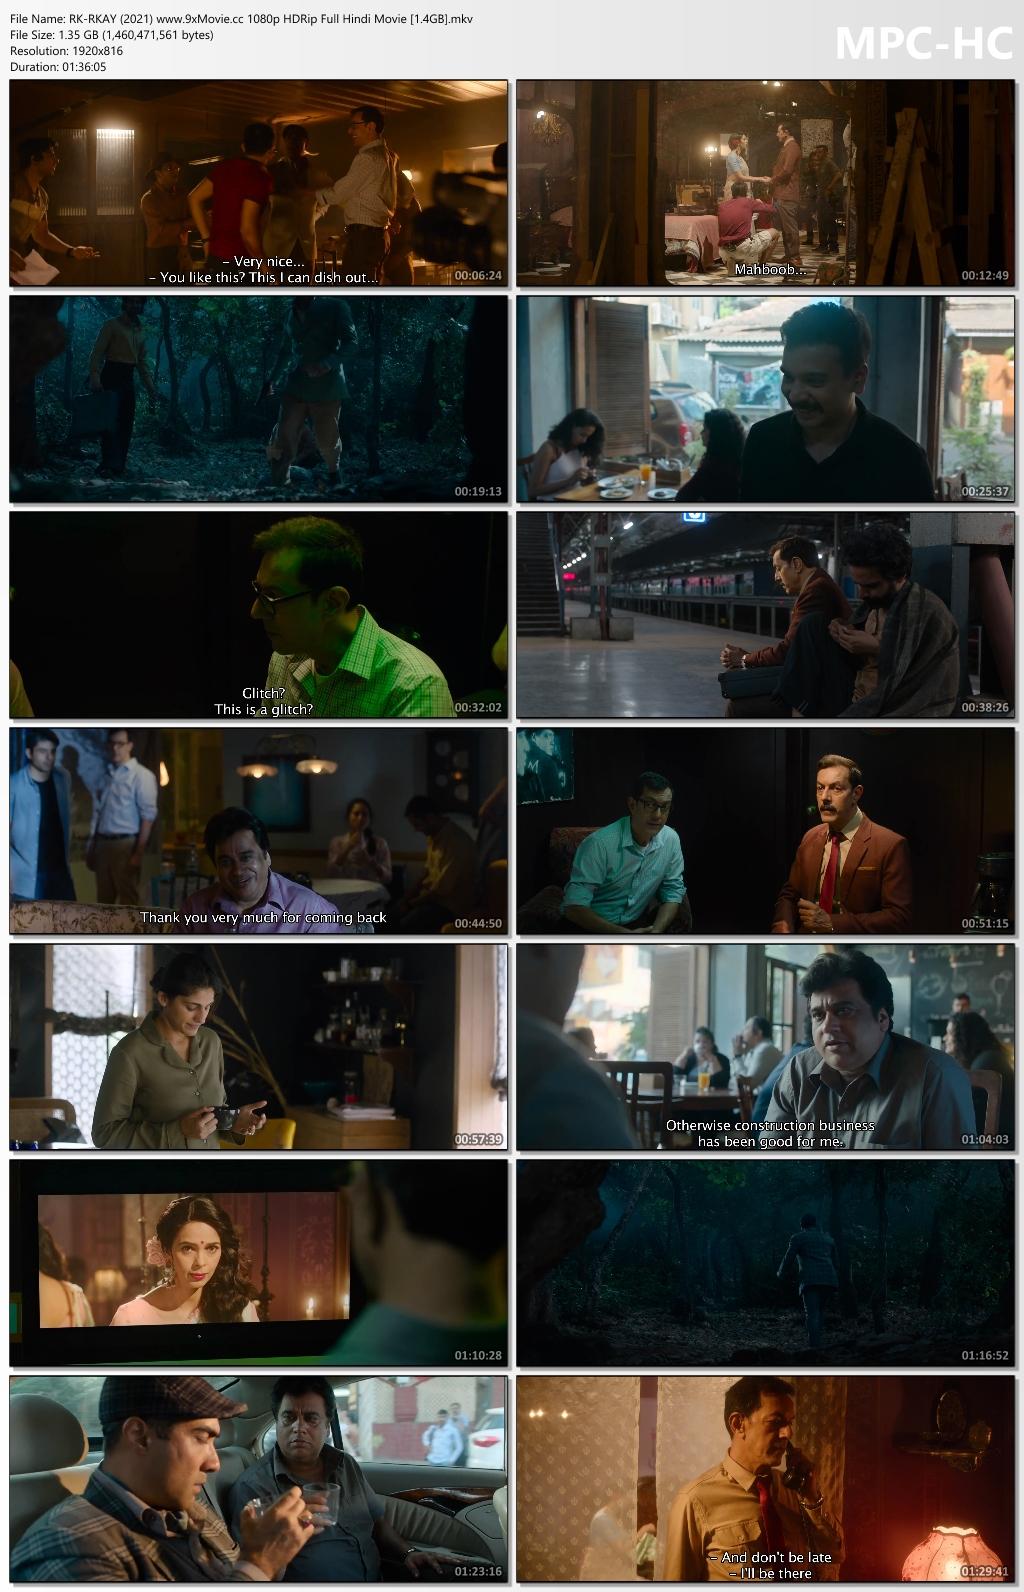 RK-RKAY-2021-www-9x-Movie-cc-1080p-HDRip-Full-Hindi-Movie-1-4-GB-mkv